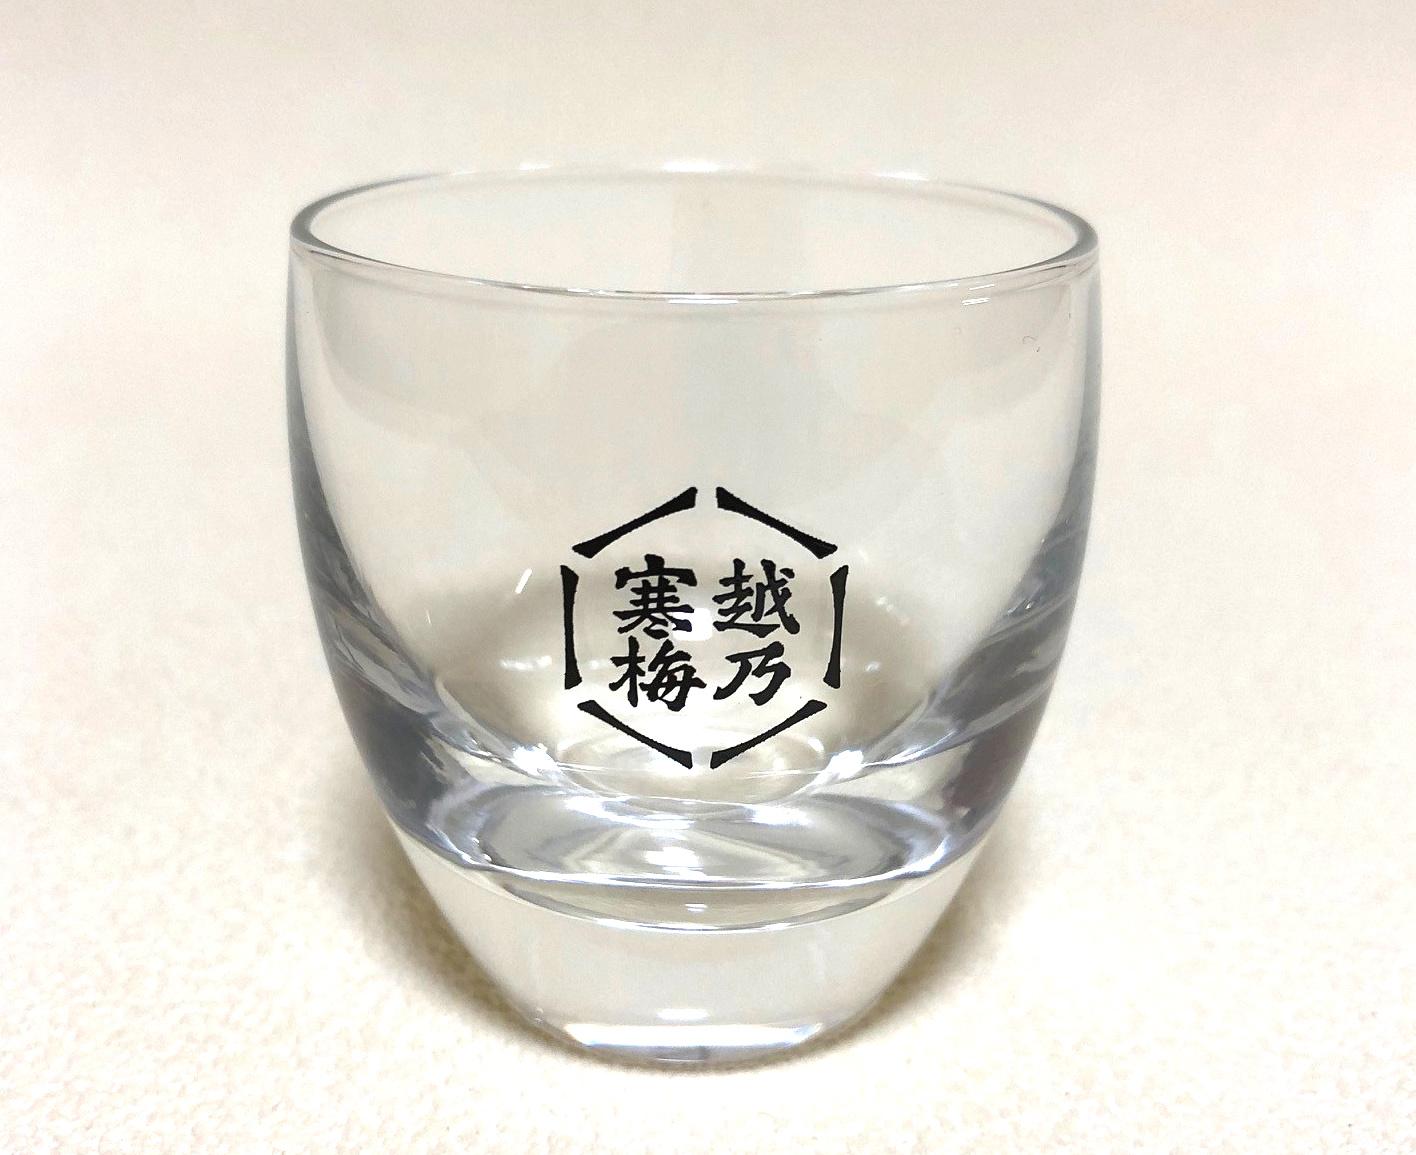 越乃寒梅 清酒グラス